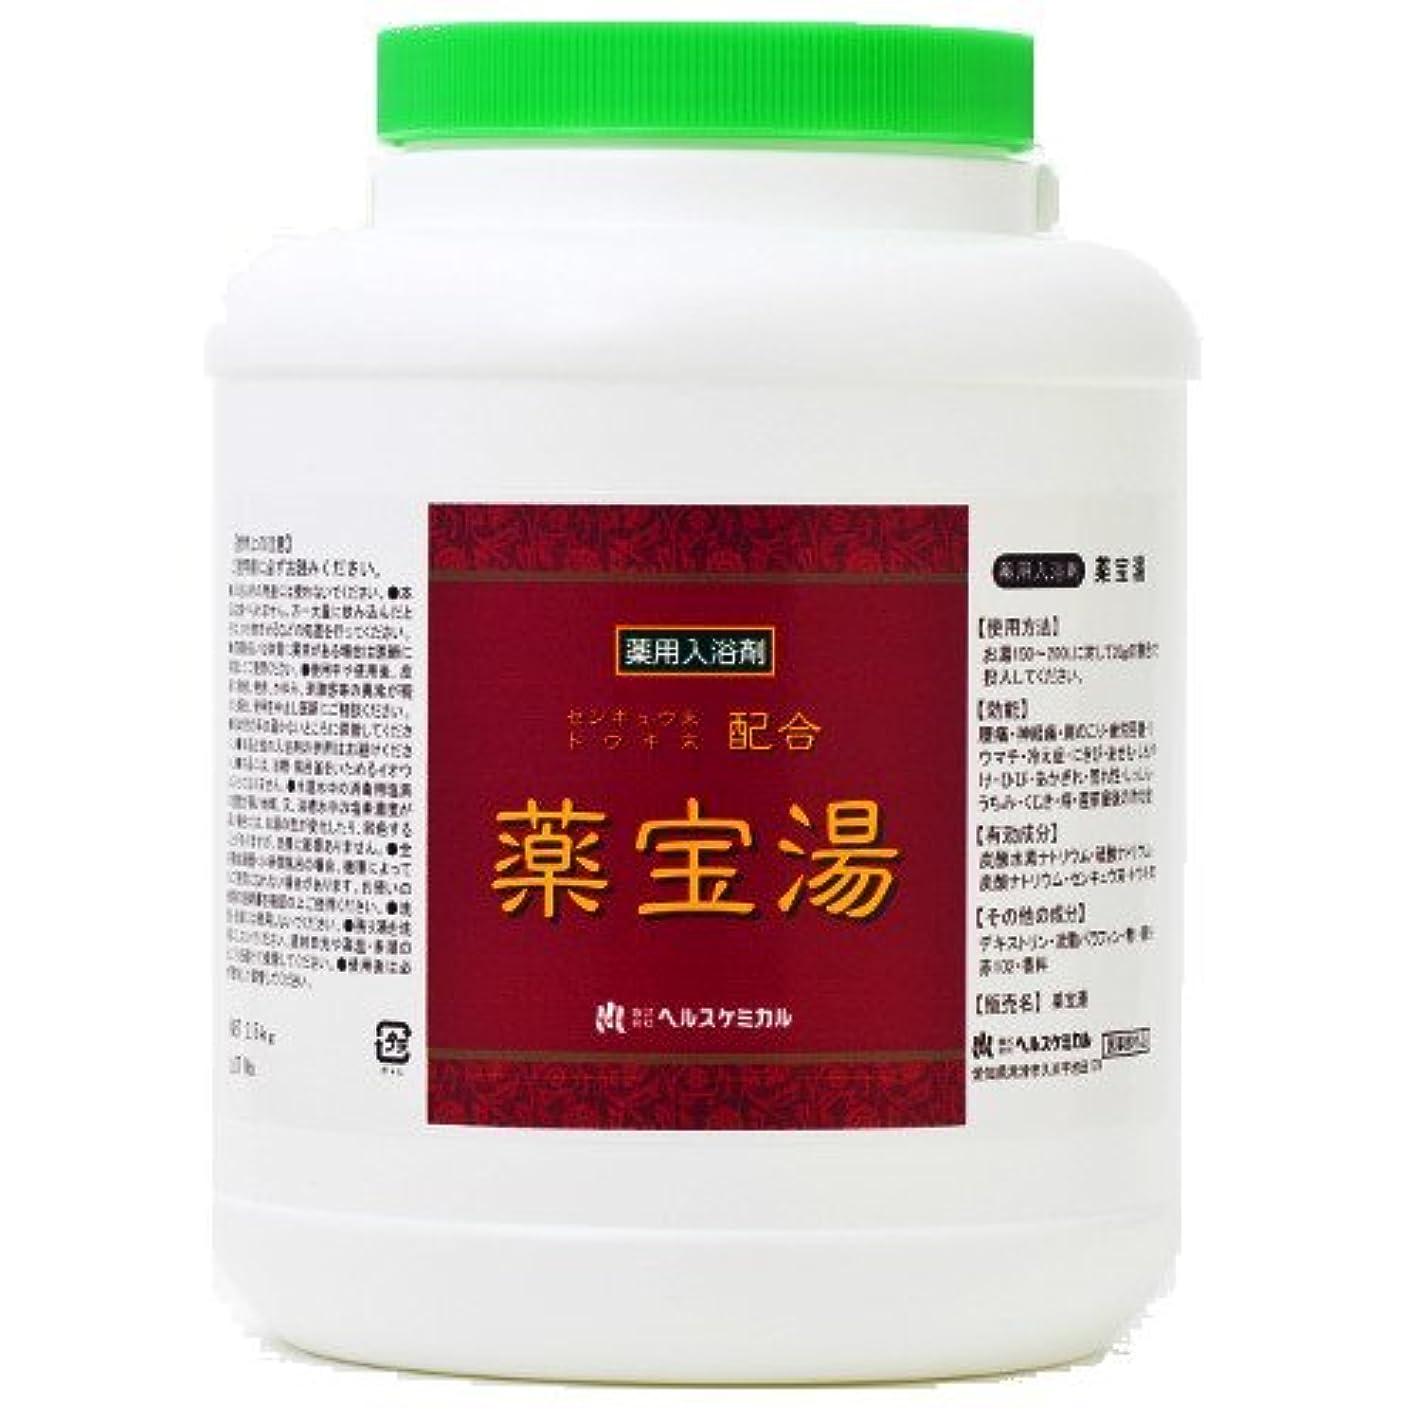 ロードされたコマース地味な薬宝湯 やくほうとう 医薬部外品 天然生薬 の 香り 粉末 入浴剤 高麗人参 エキス 配合 (2.5kg (約125回分))